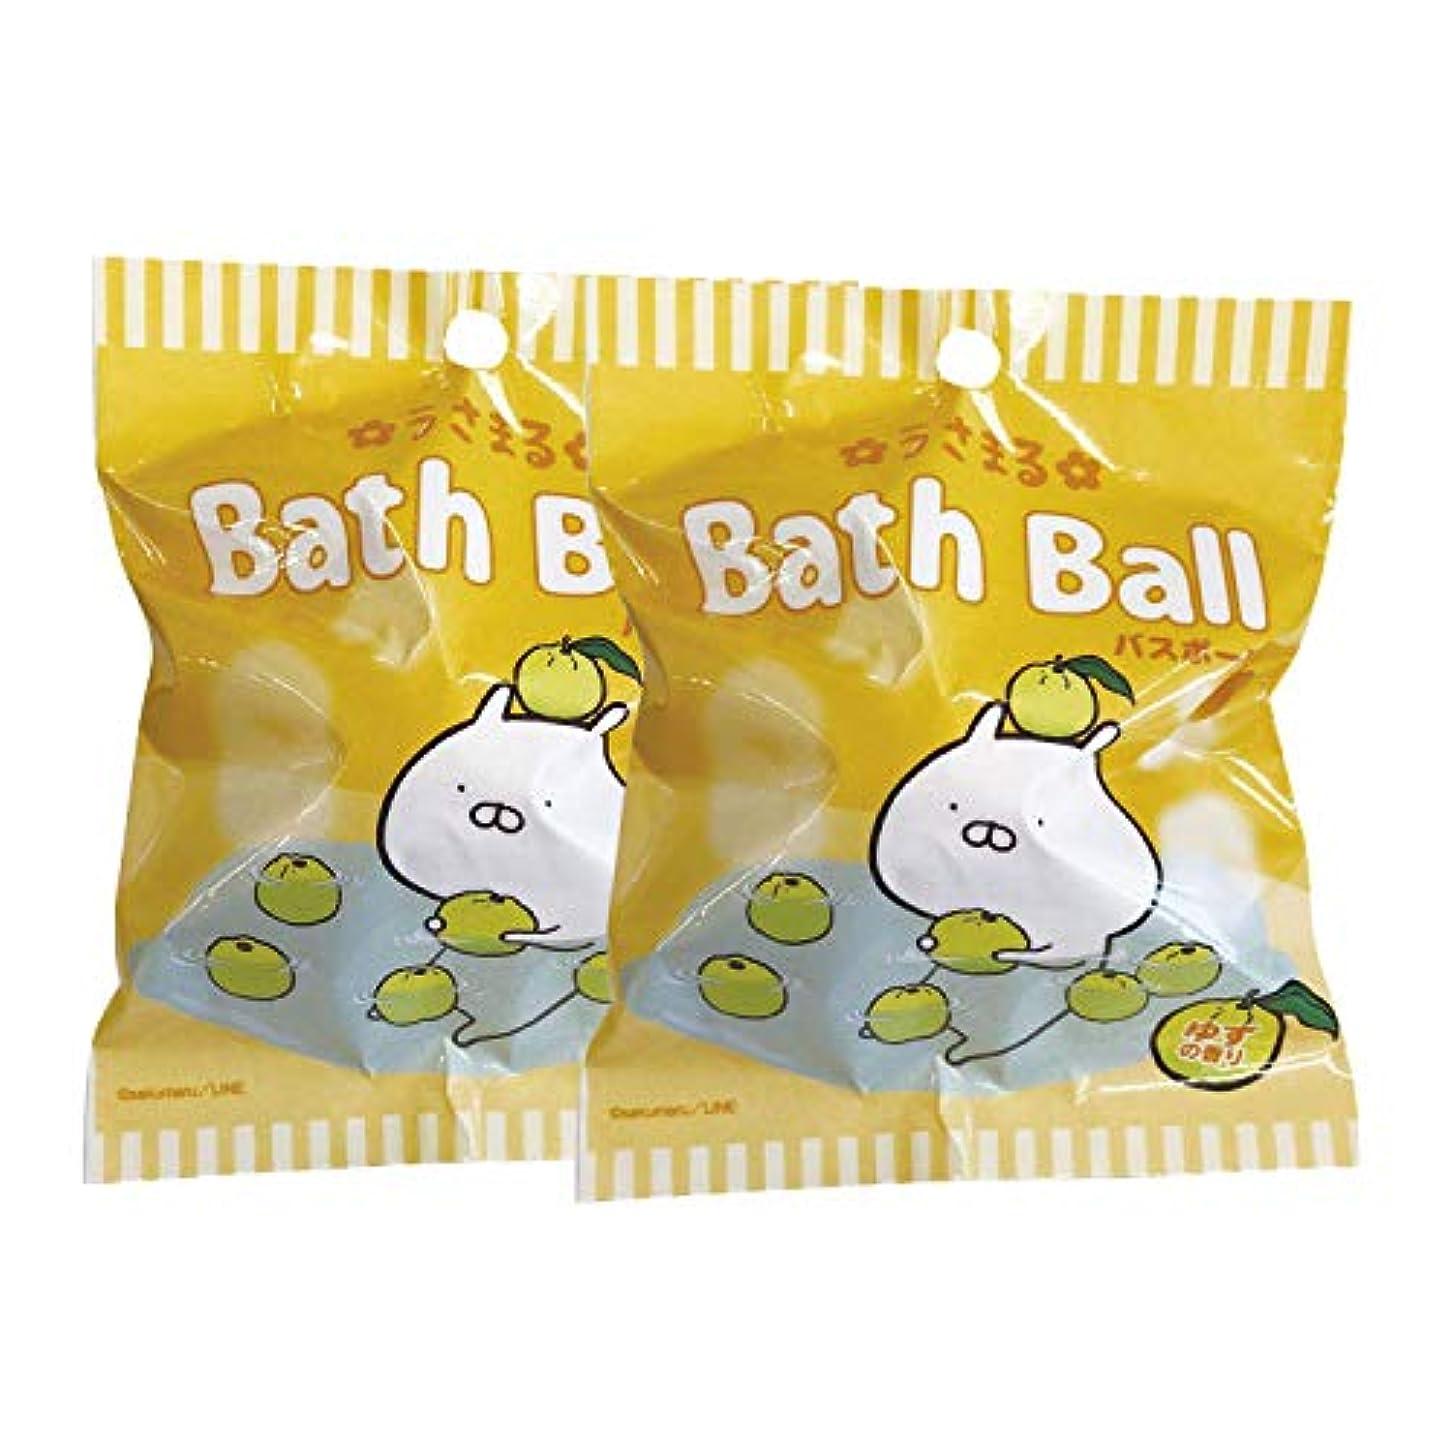 さびた豚肉すごいうさまる 入浴剤 バスボール 2個セット おまけ付き ゆずの香り 60g ABD-020-001